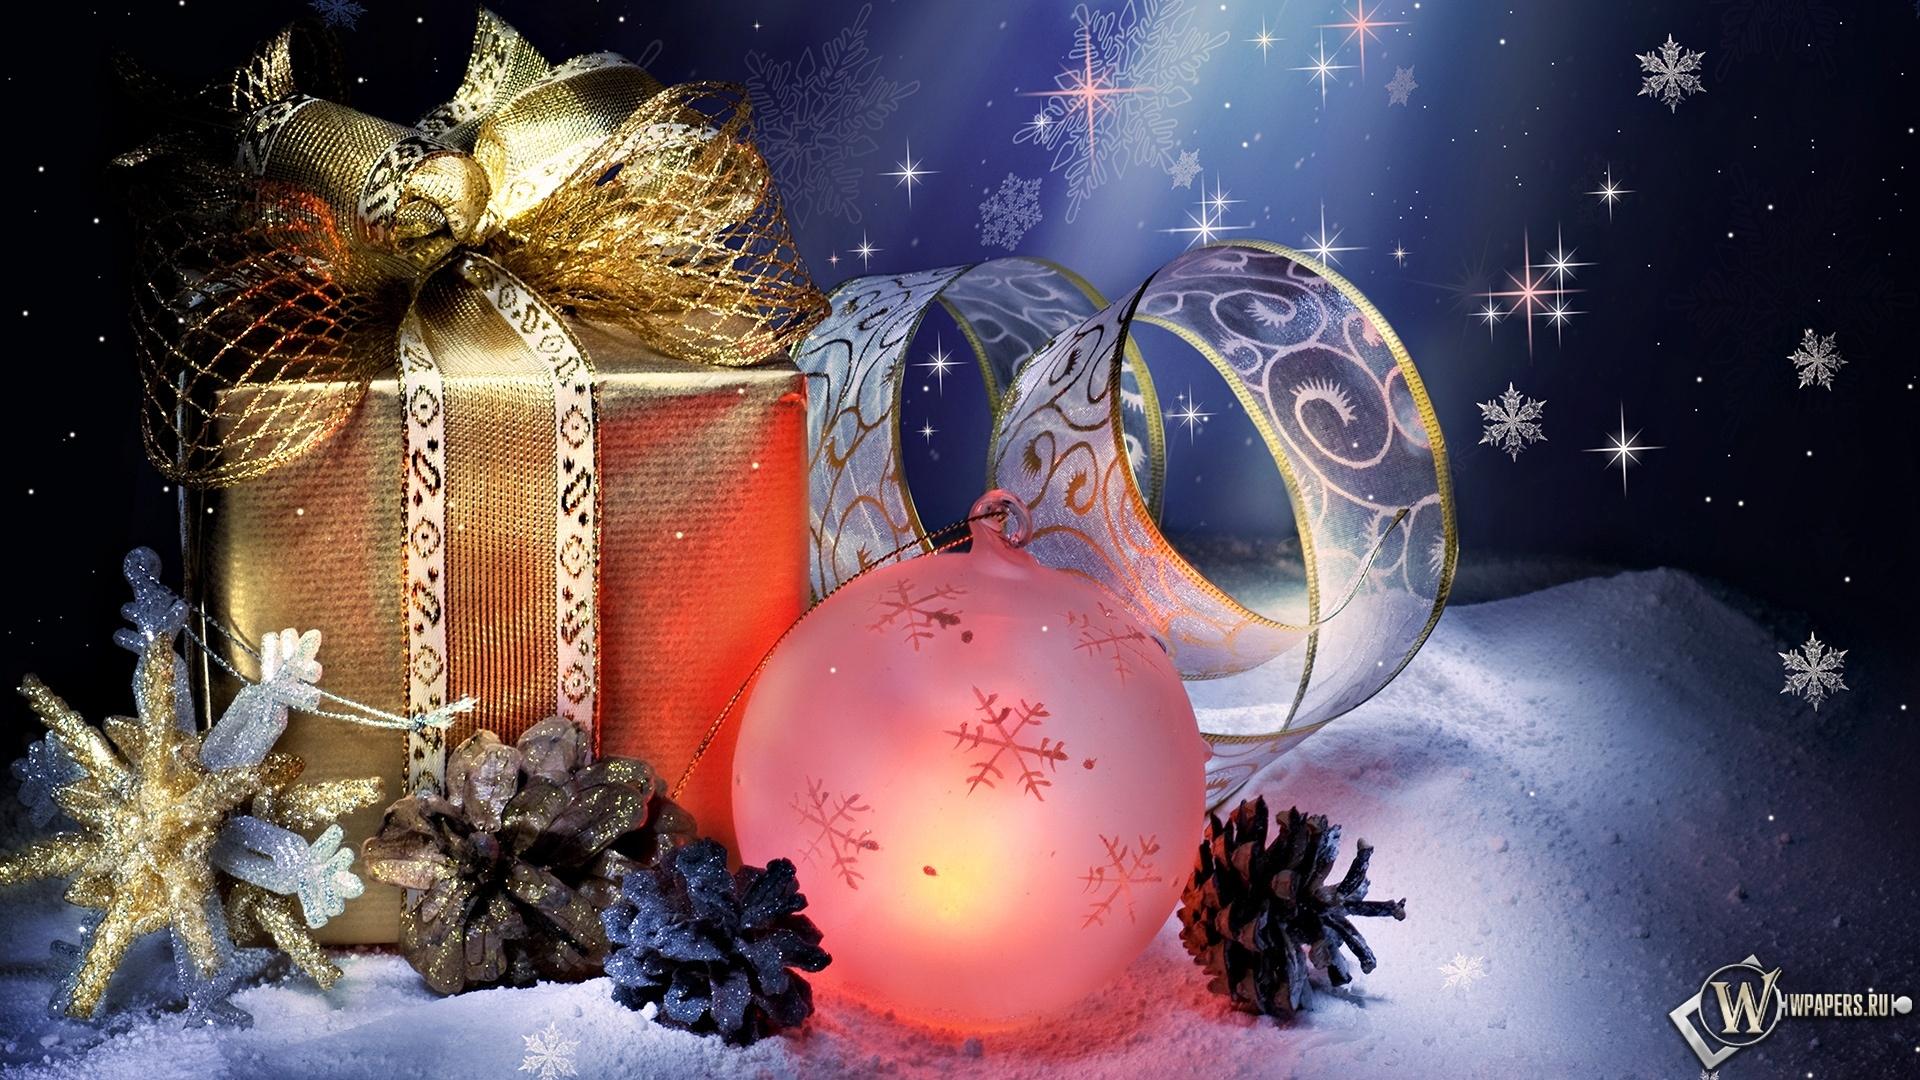 Новый год подарок 1920x1080 картинки